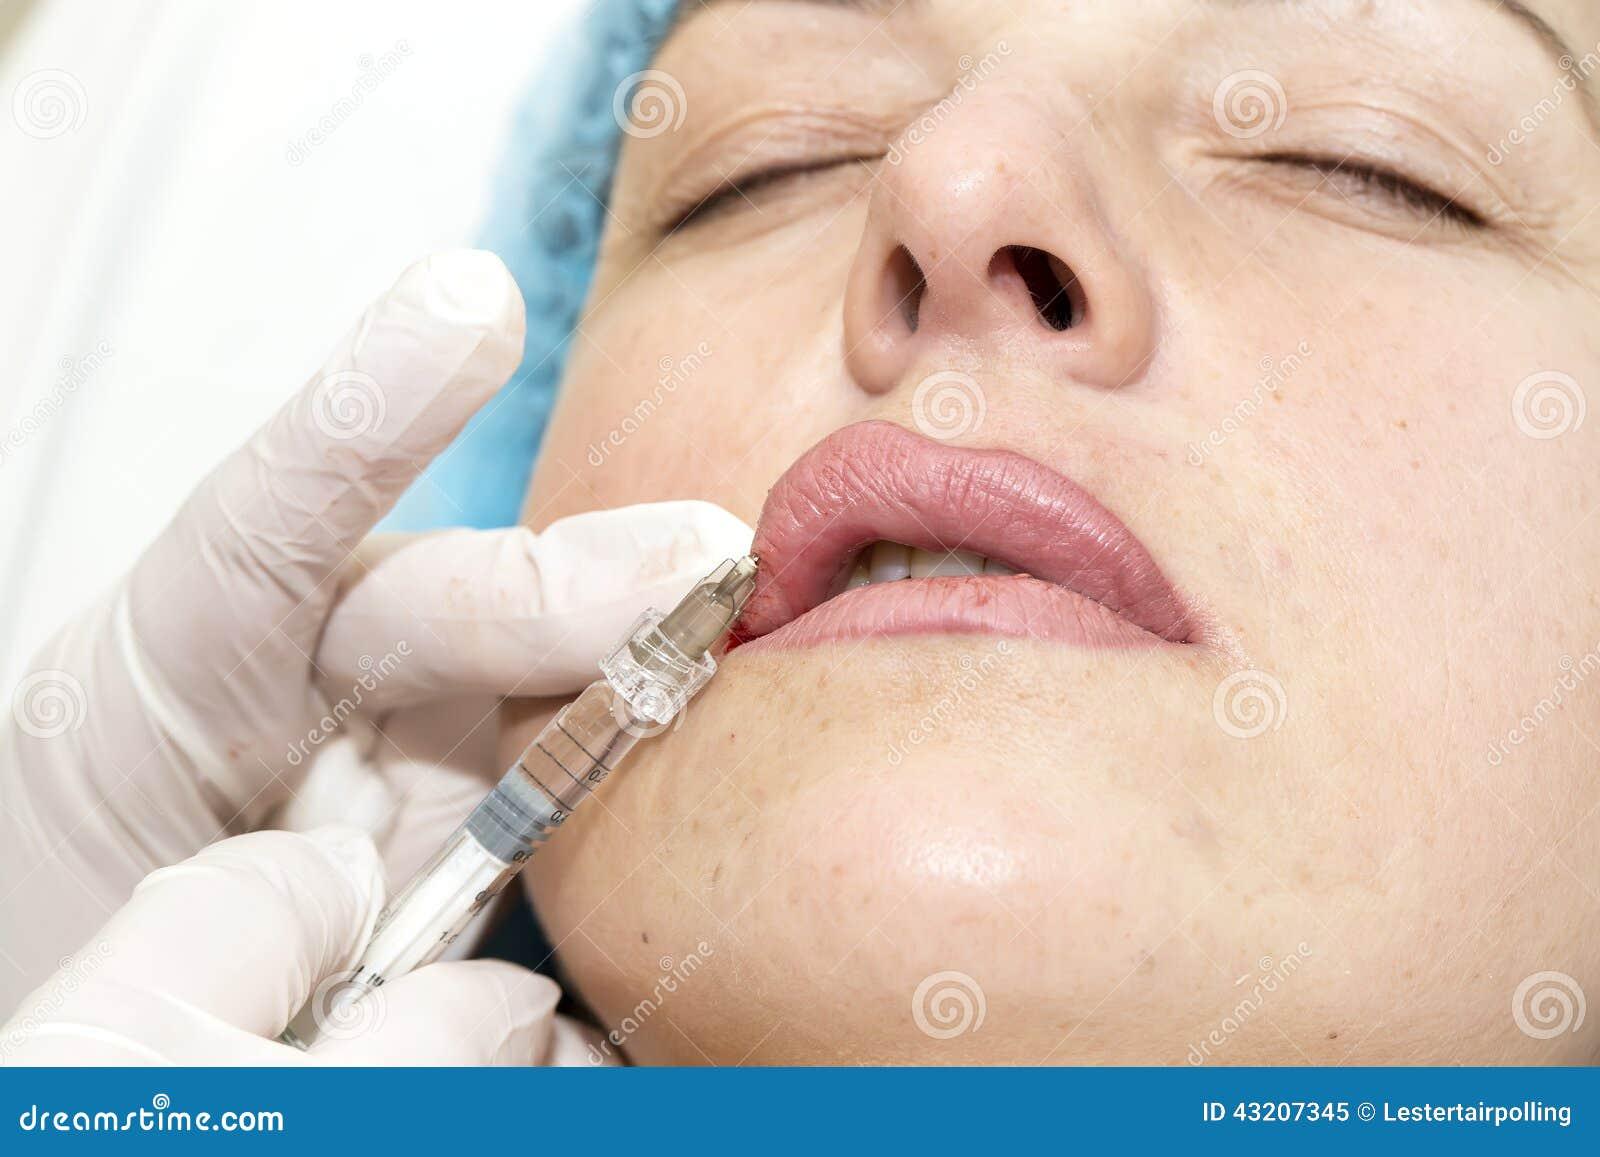 Download Kosmetisk kirurgi fotografering för bildbyråer. Bild av klinik - 43207345